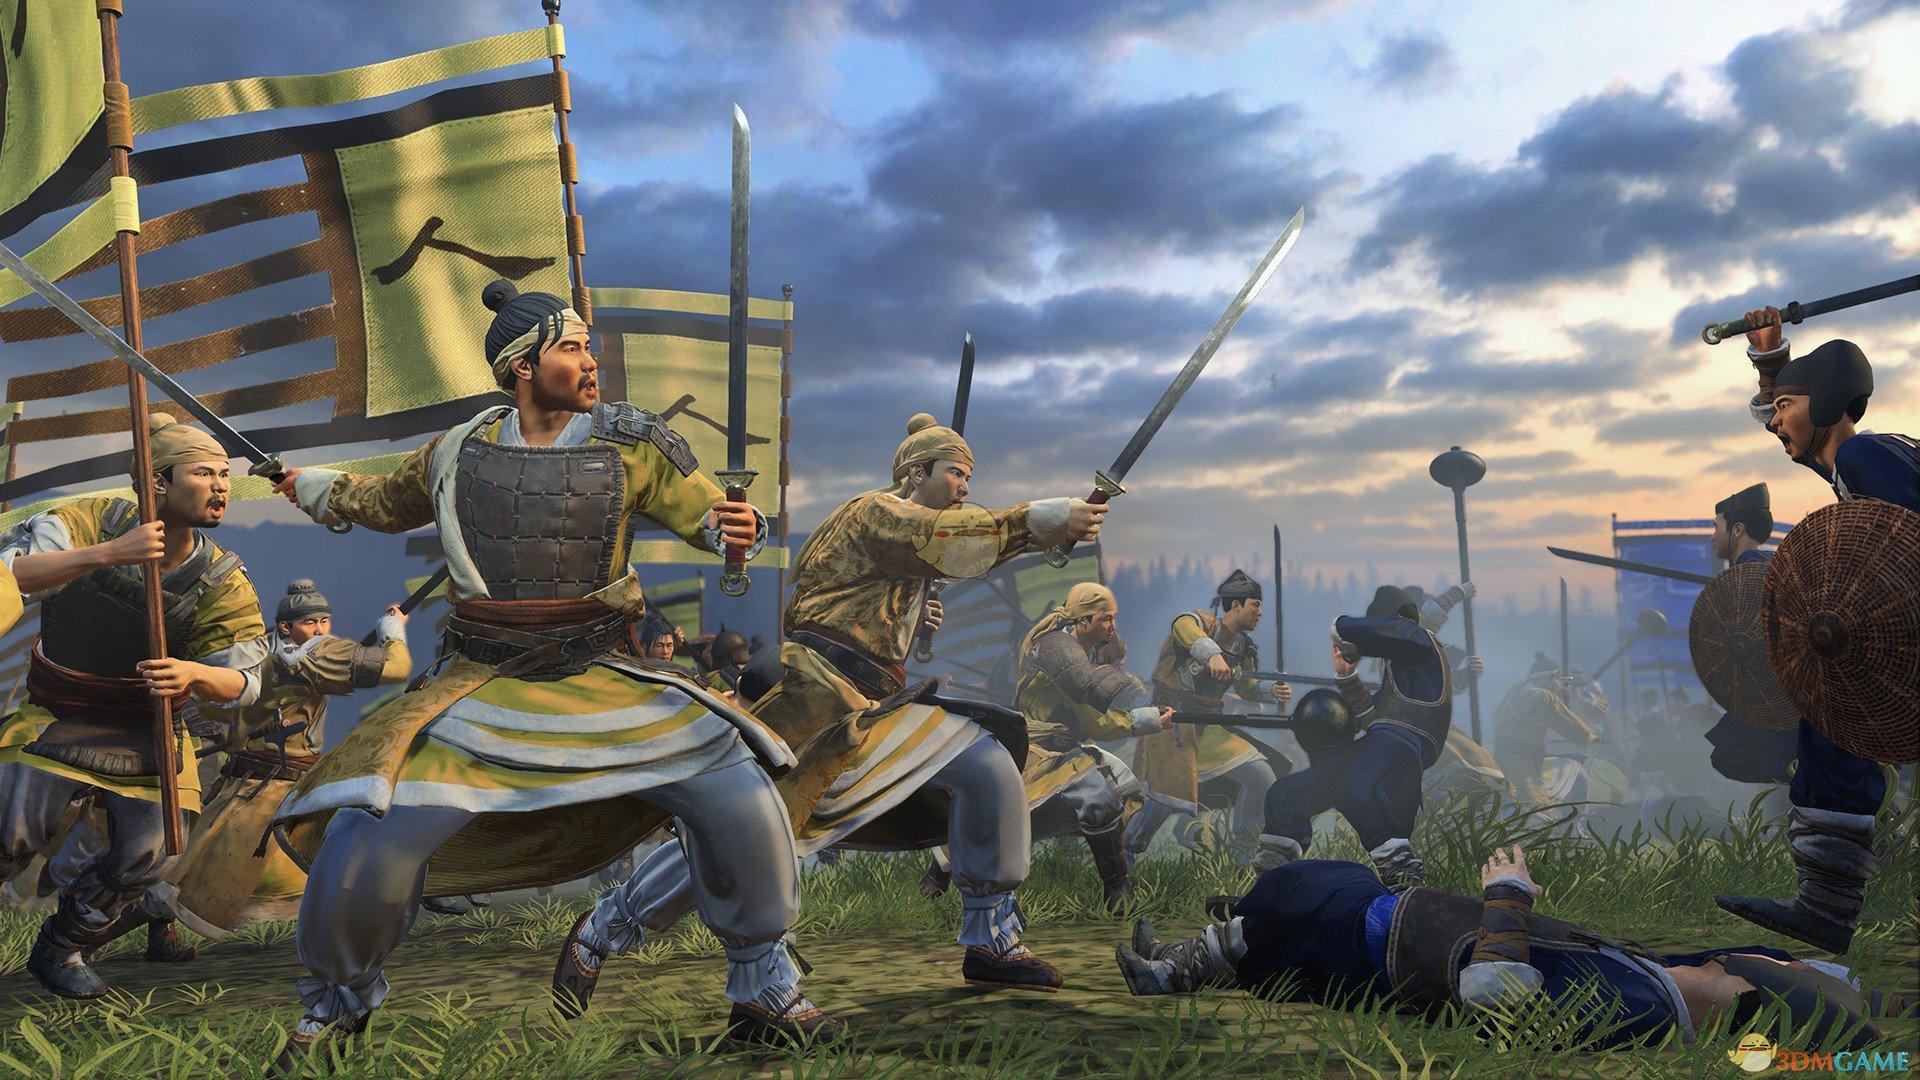 《全面戰爭:三國》終極邪道玩法資本流玩法分享